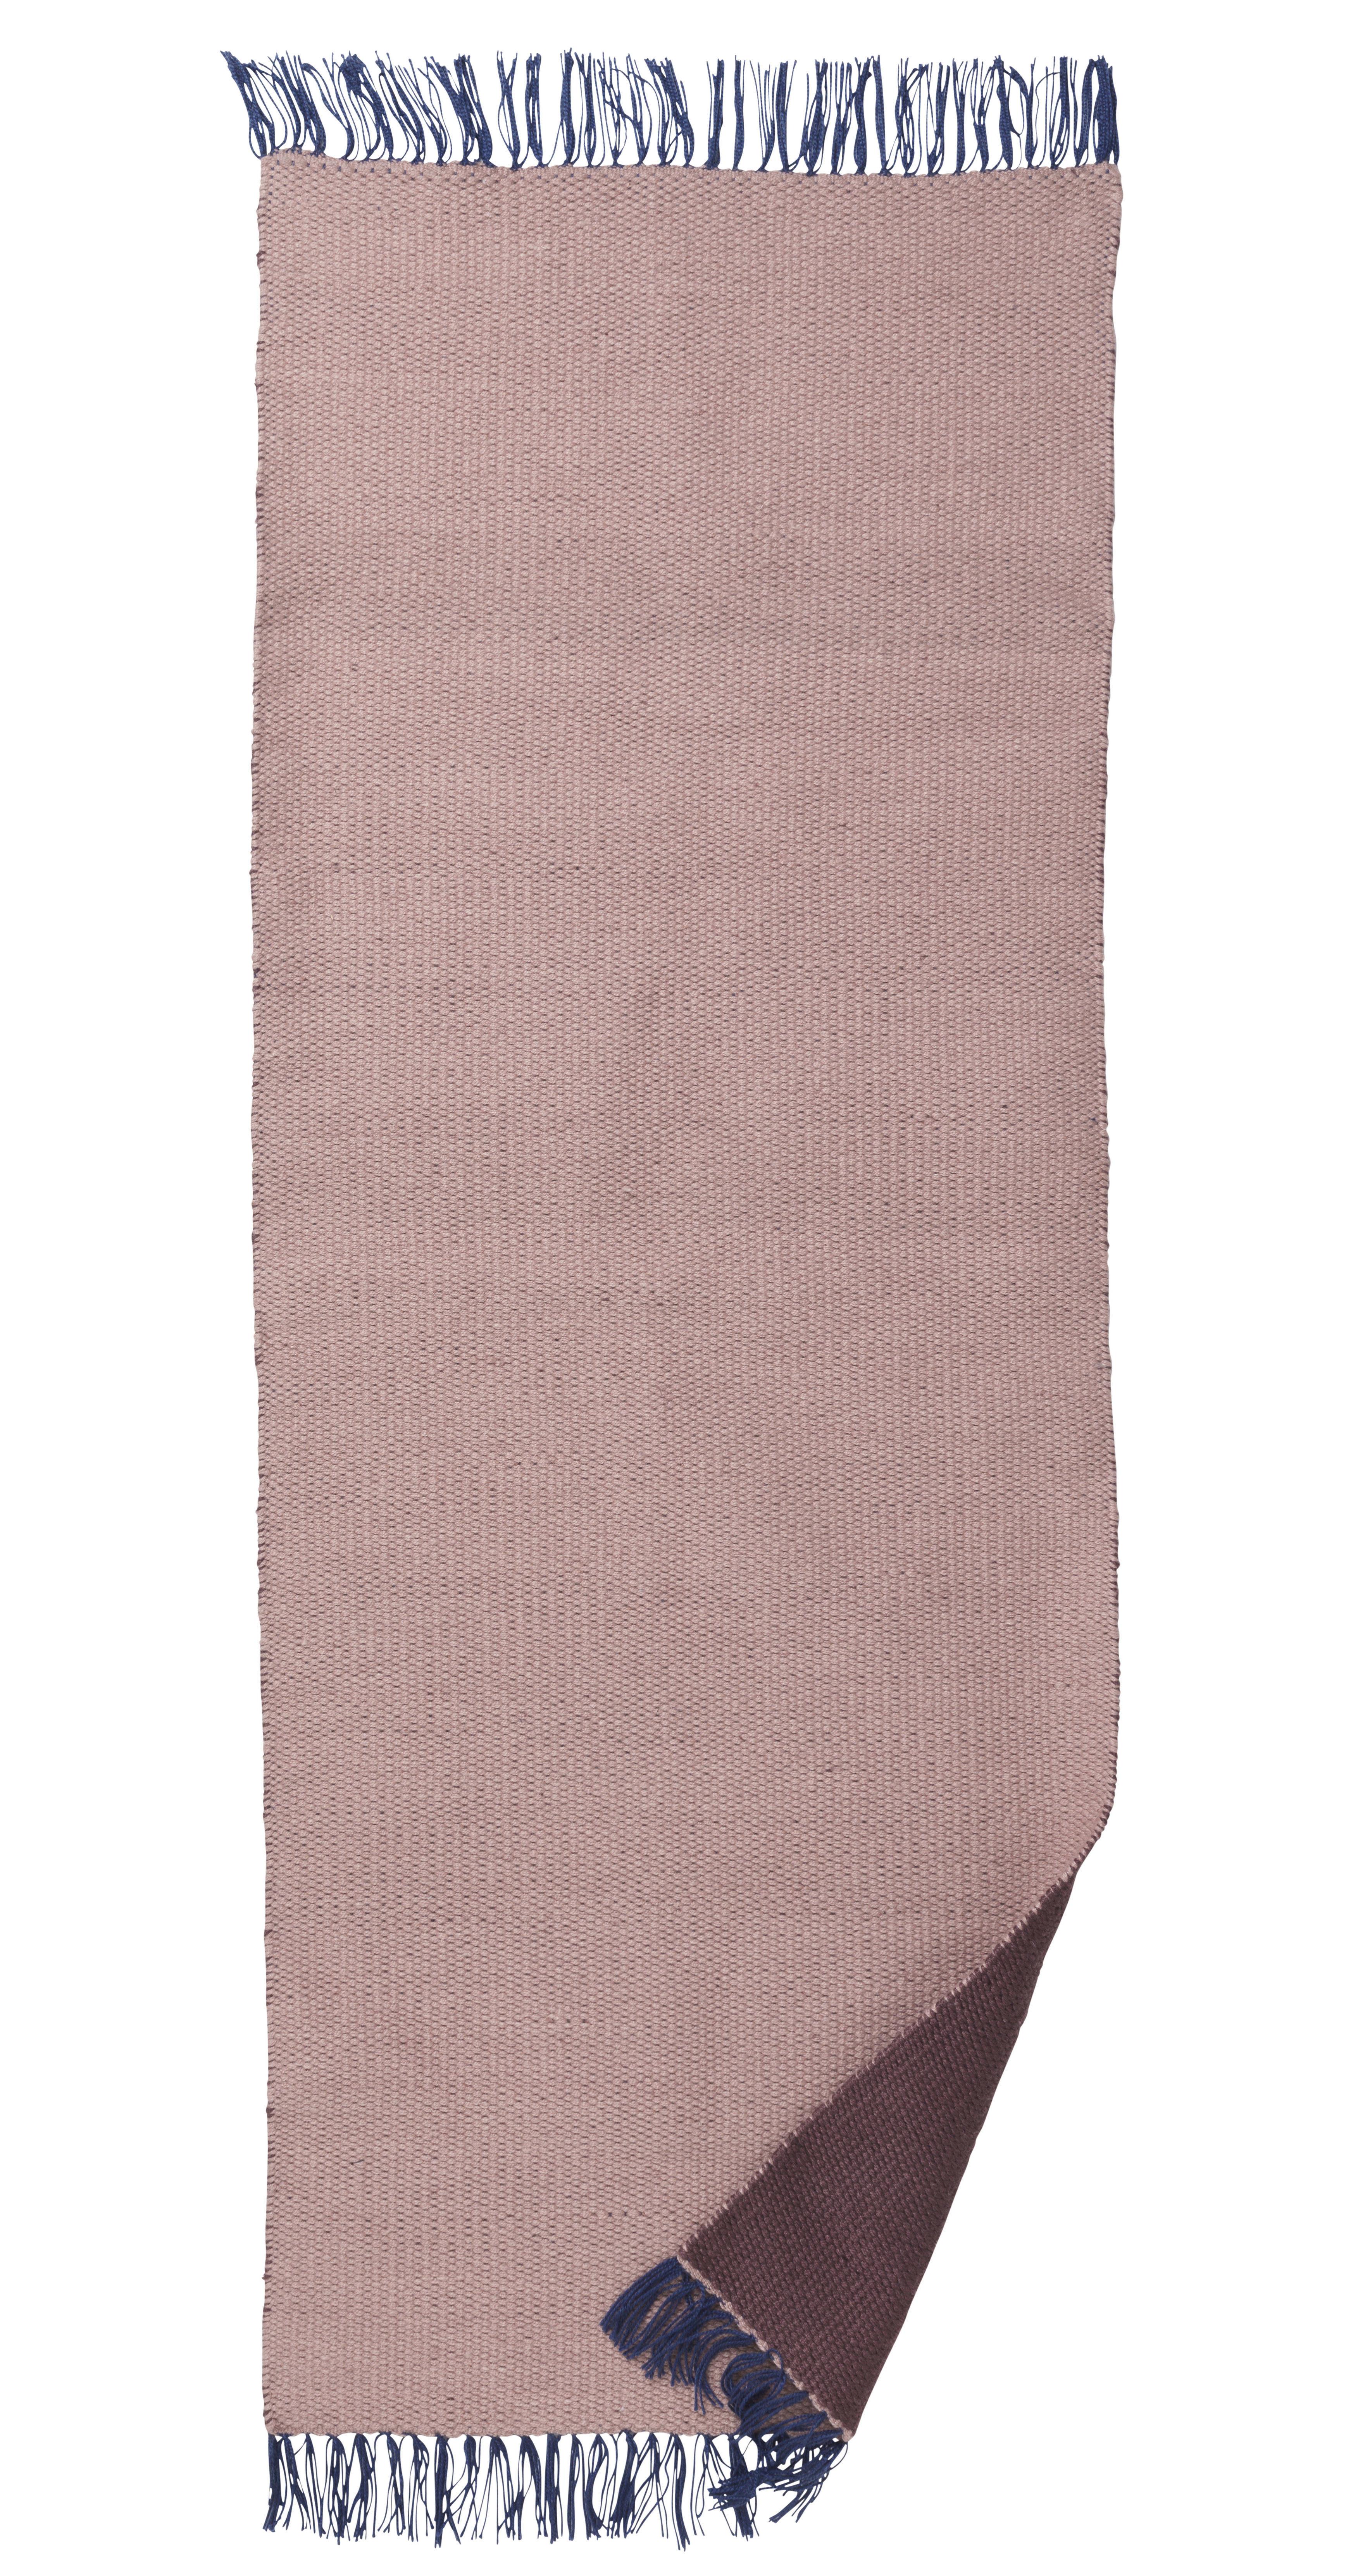 Déco - Tapis - Tapis d'extérieur Nomad Large / 70 x 180 cm - Ferm Living - Rose pâle / Bordeaux - Polyester recyclé